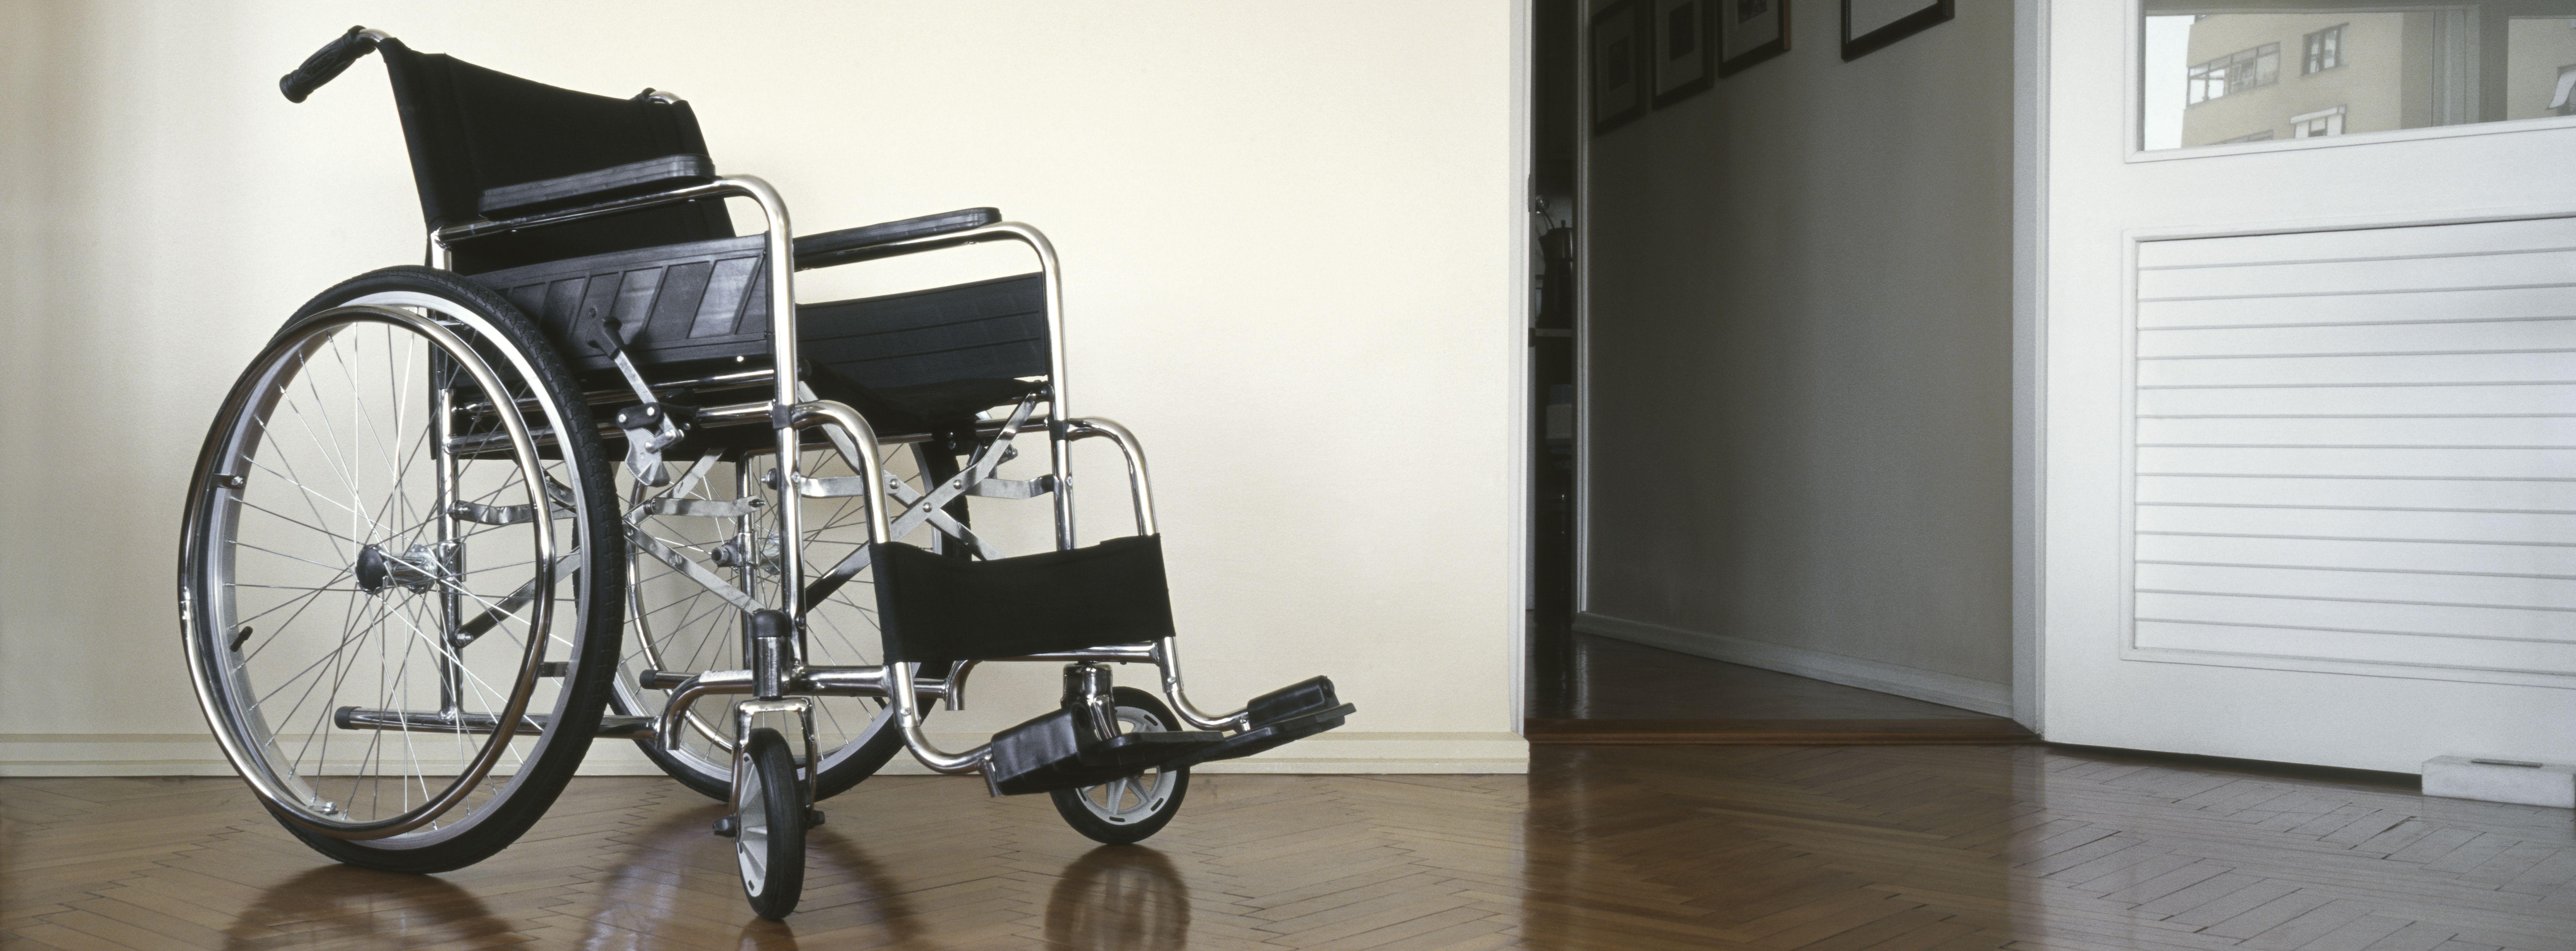 Ortopedia en Ribadeo